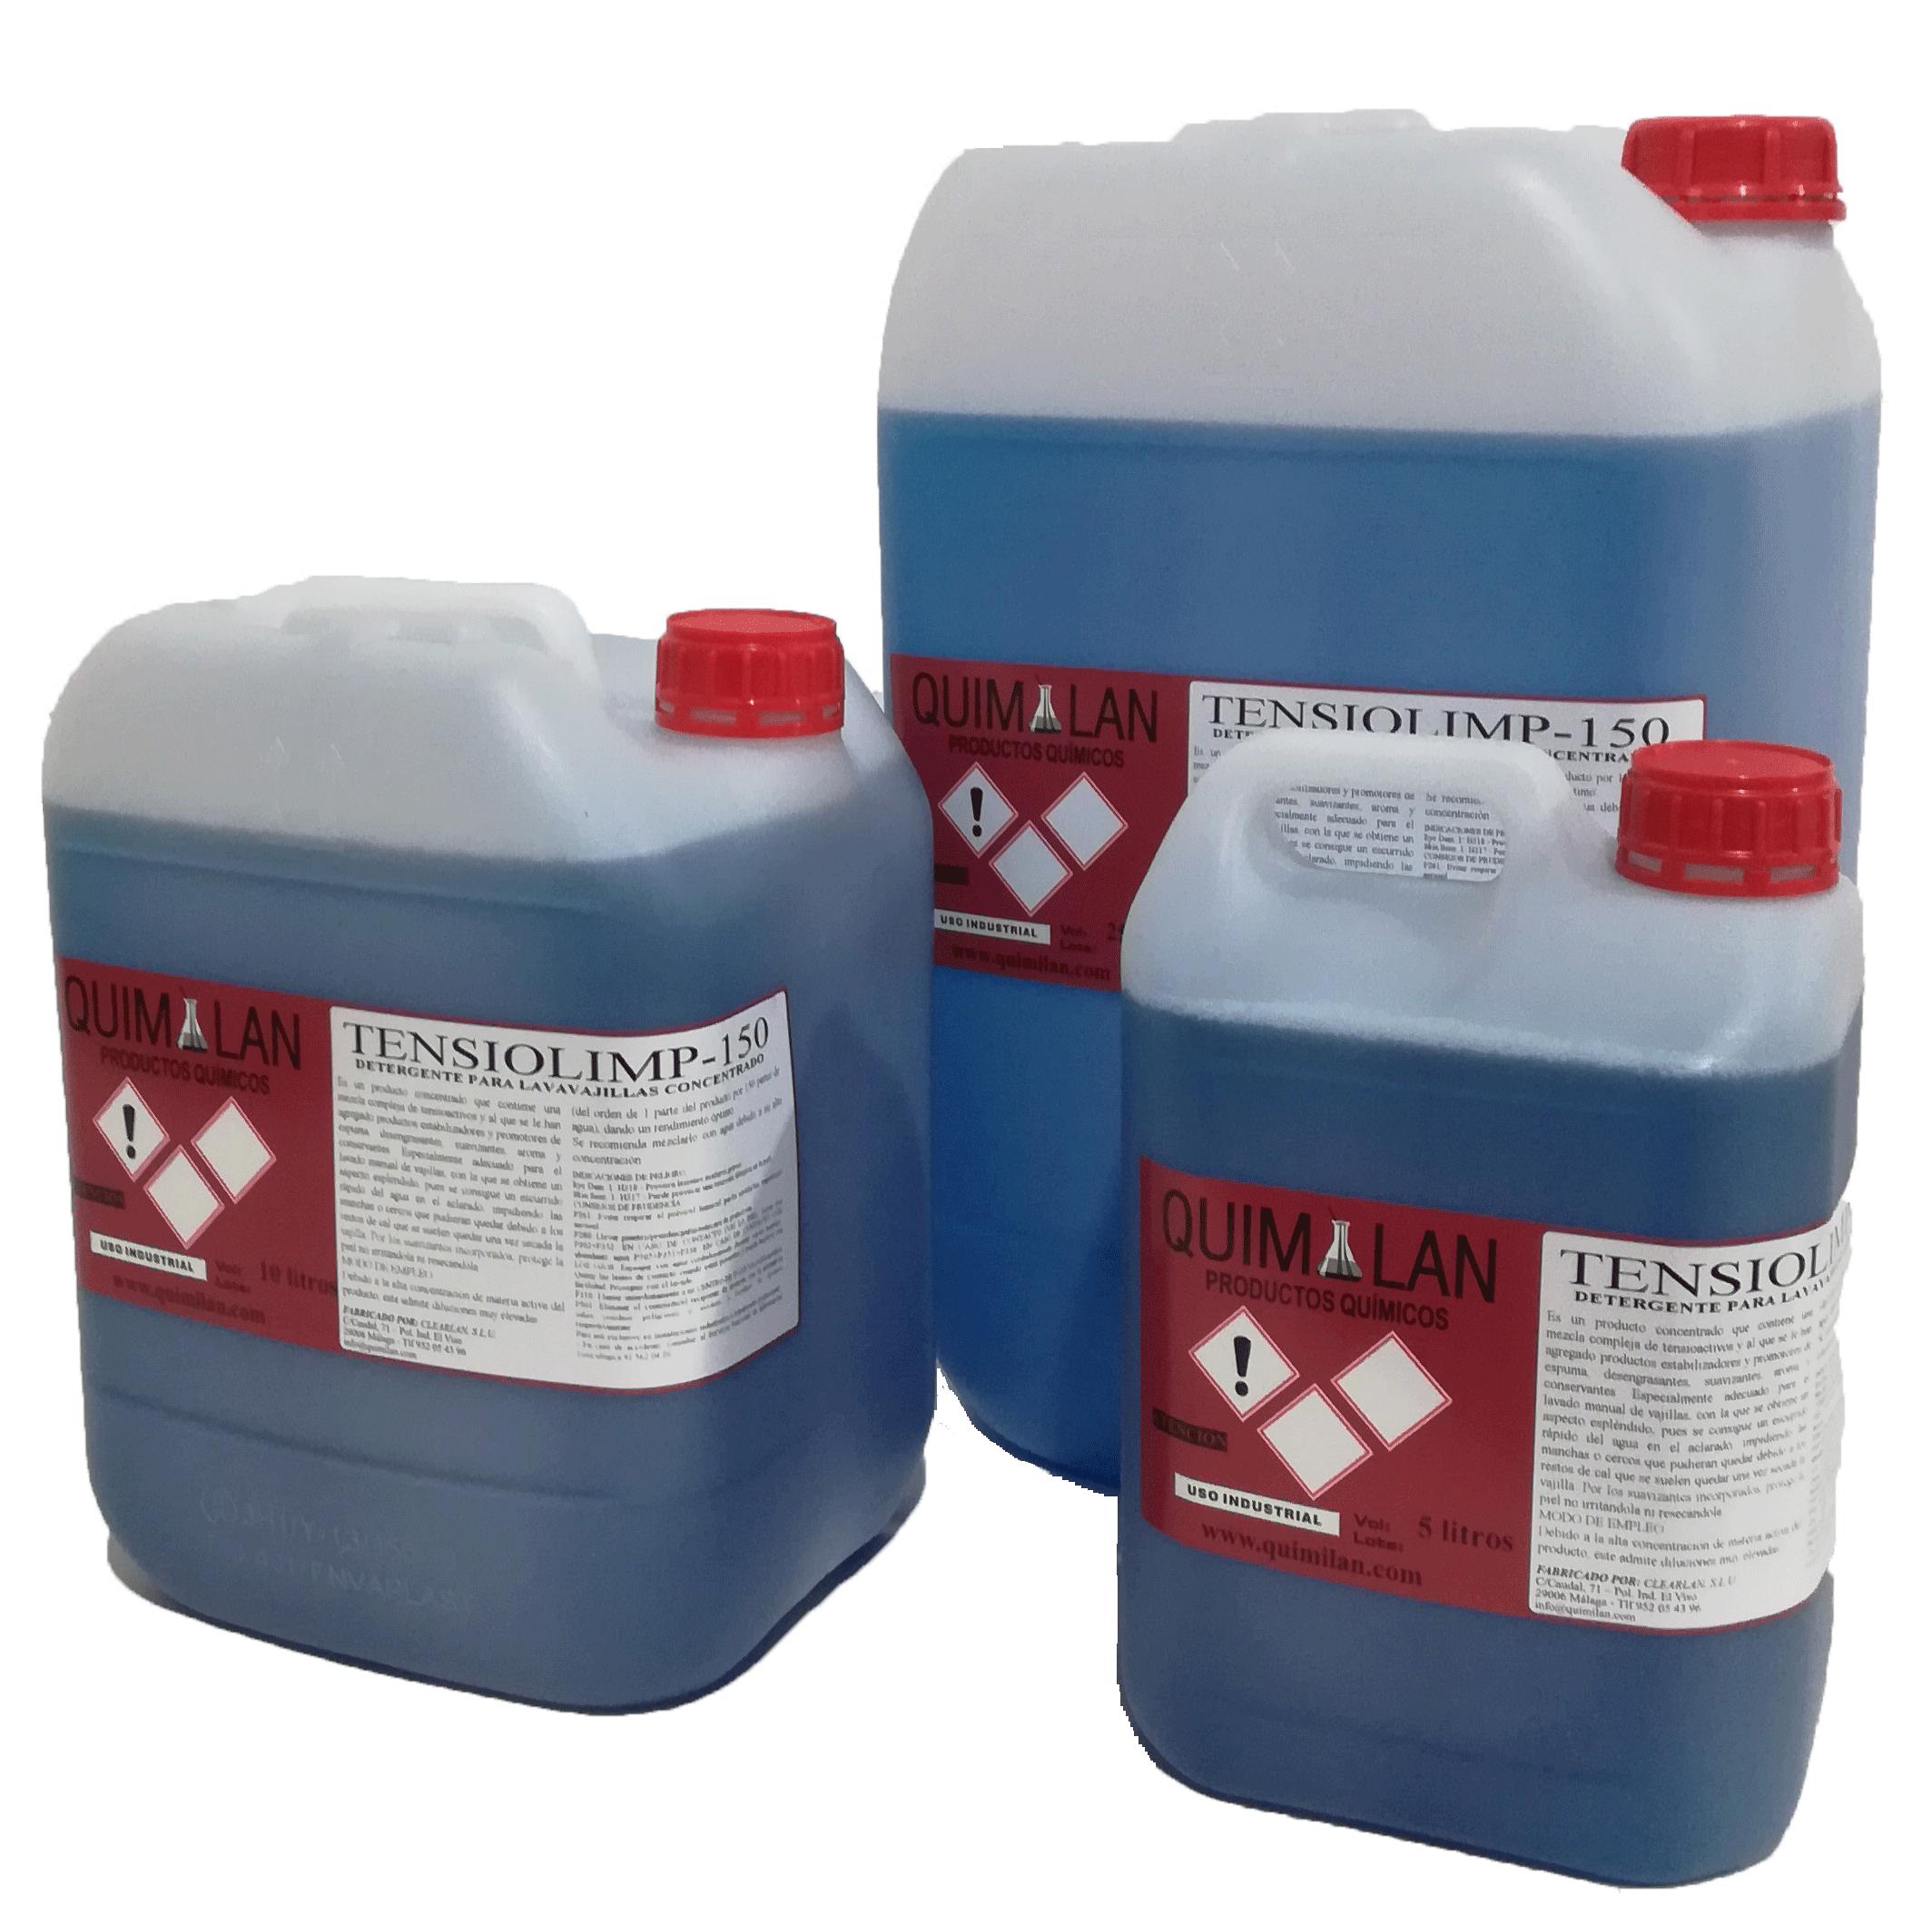 Productos Quimicos Limpieza Tensiolimp Quimilan en Malaga